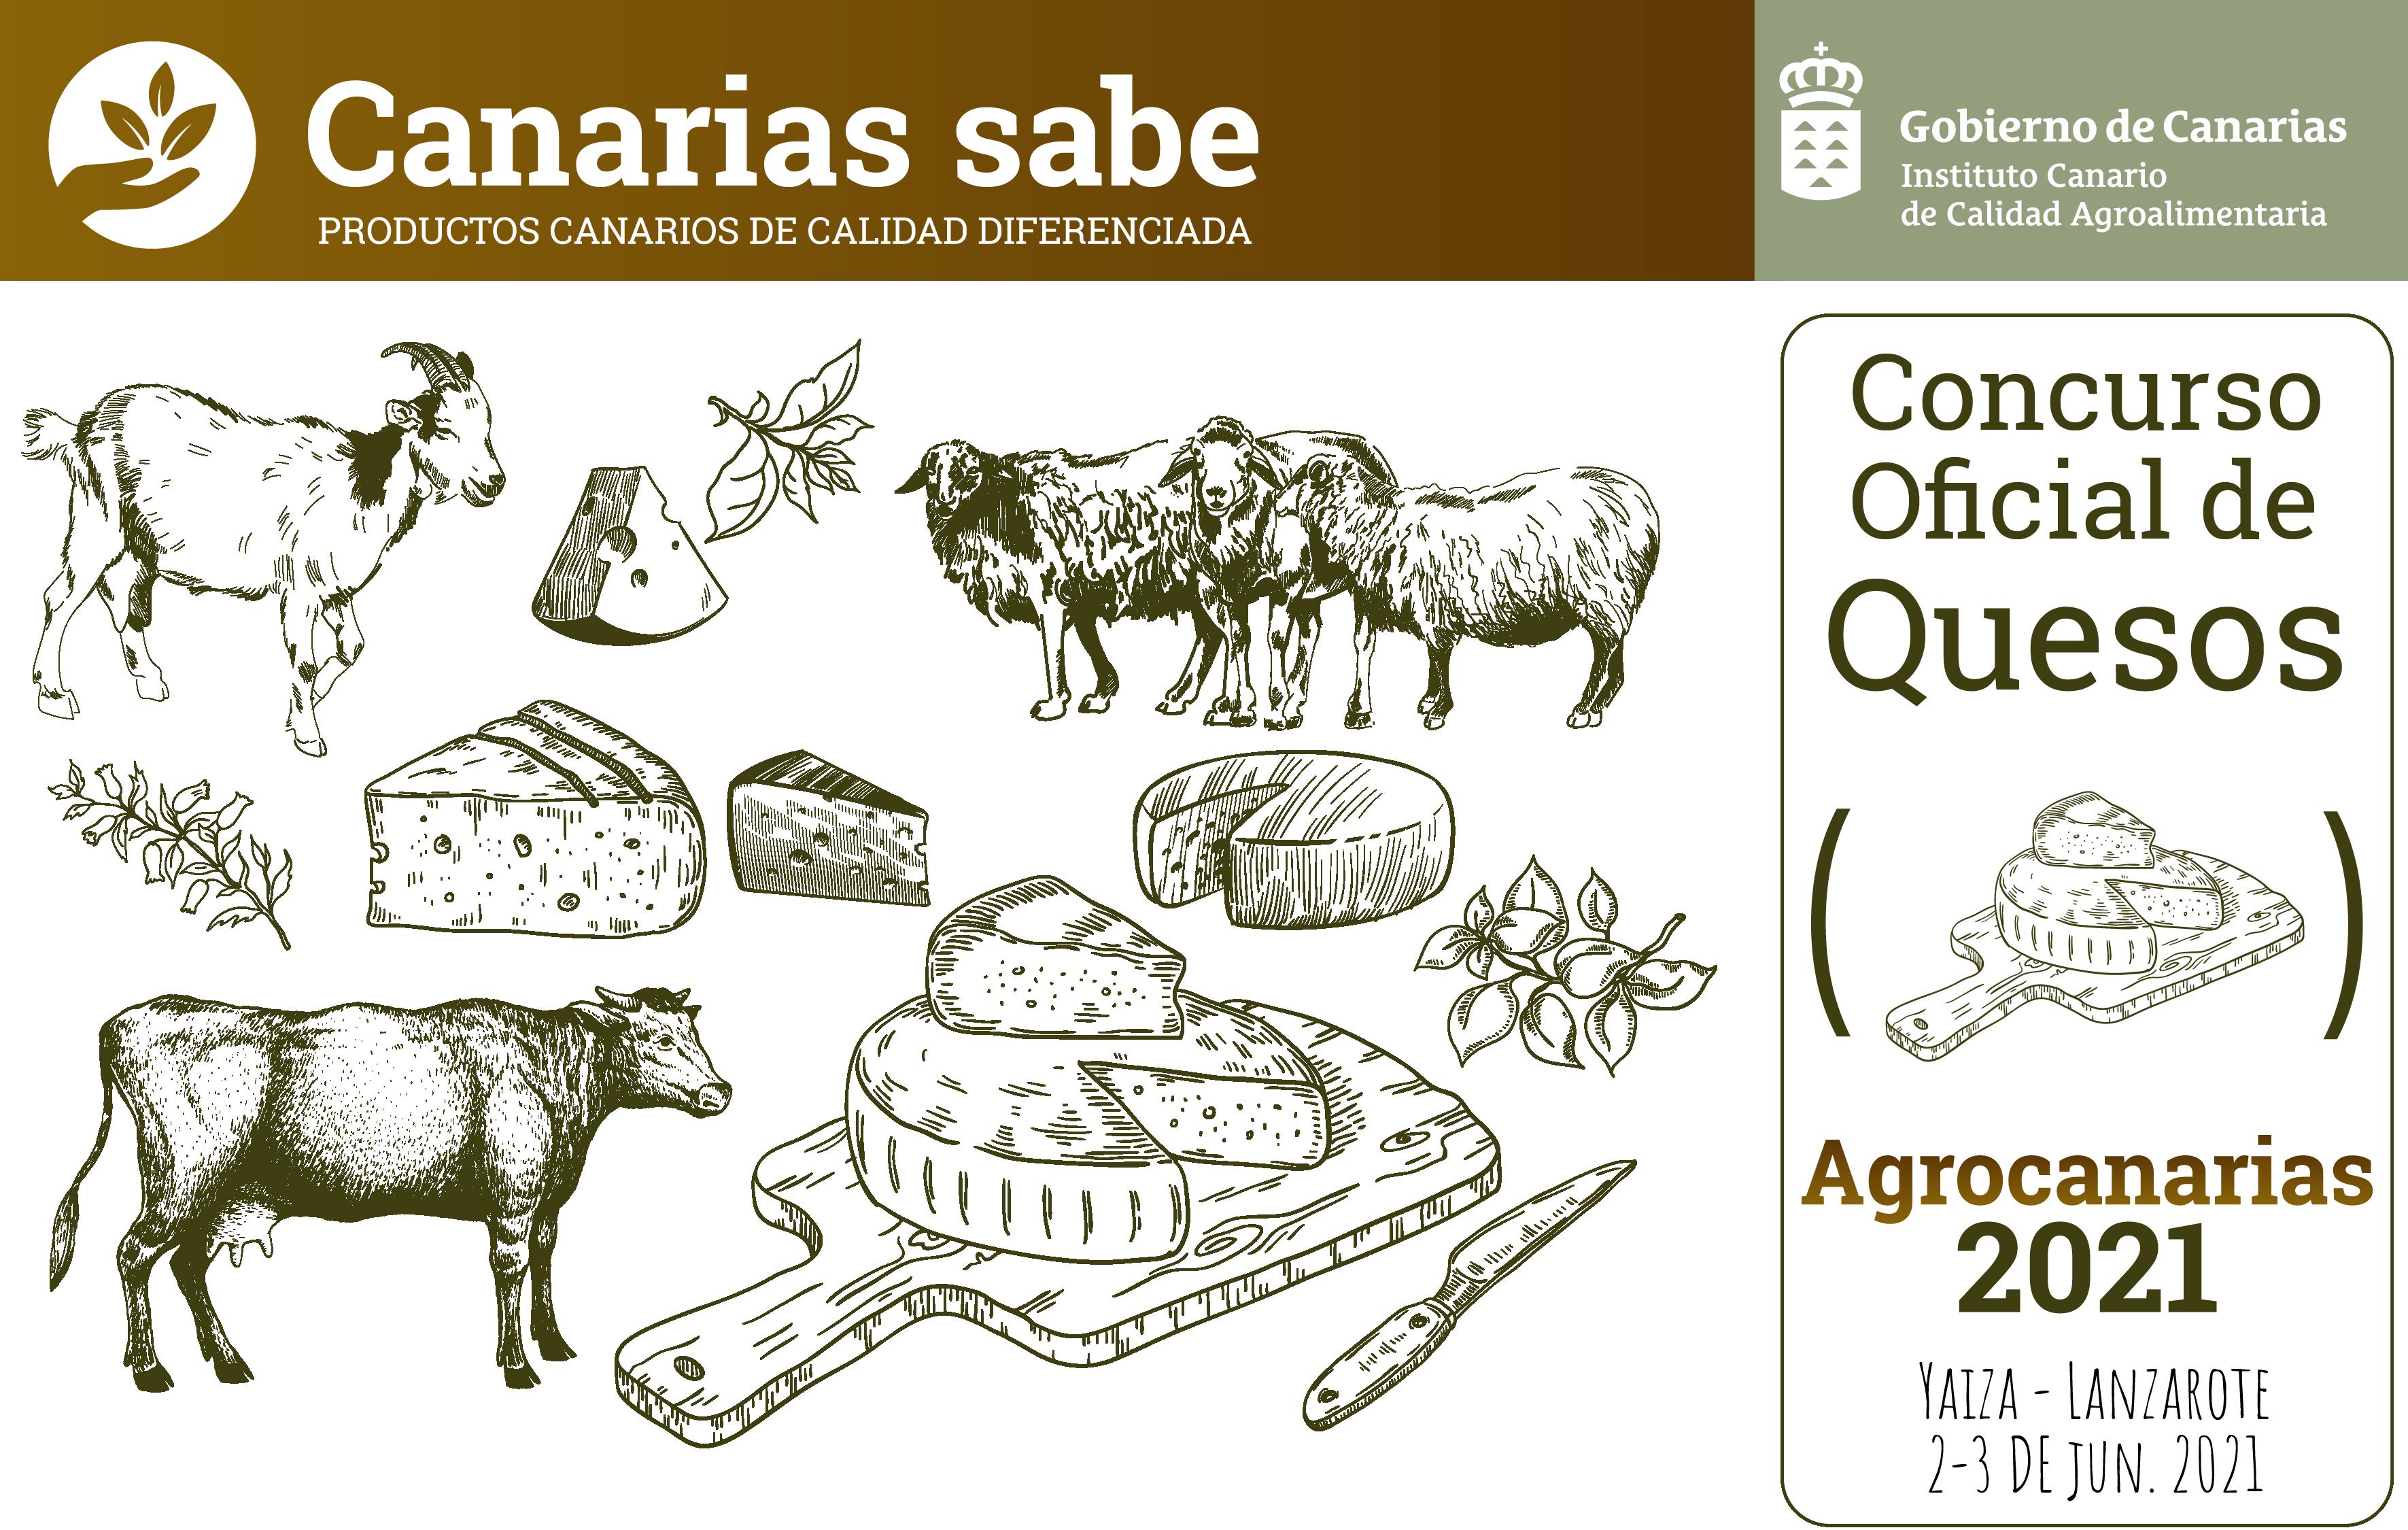 Fallo del Concurso Oficial de Quesos Agrocanarias 2021